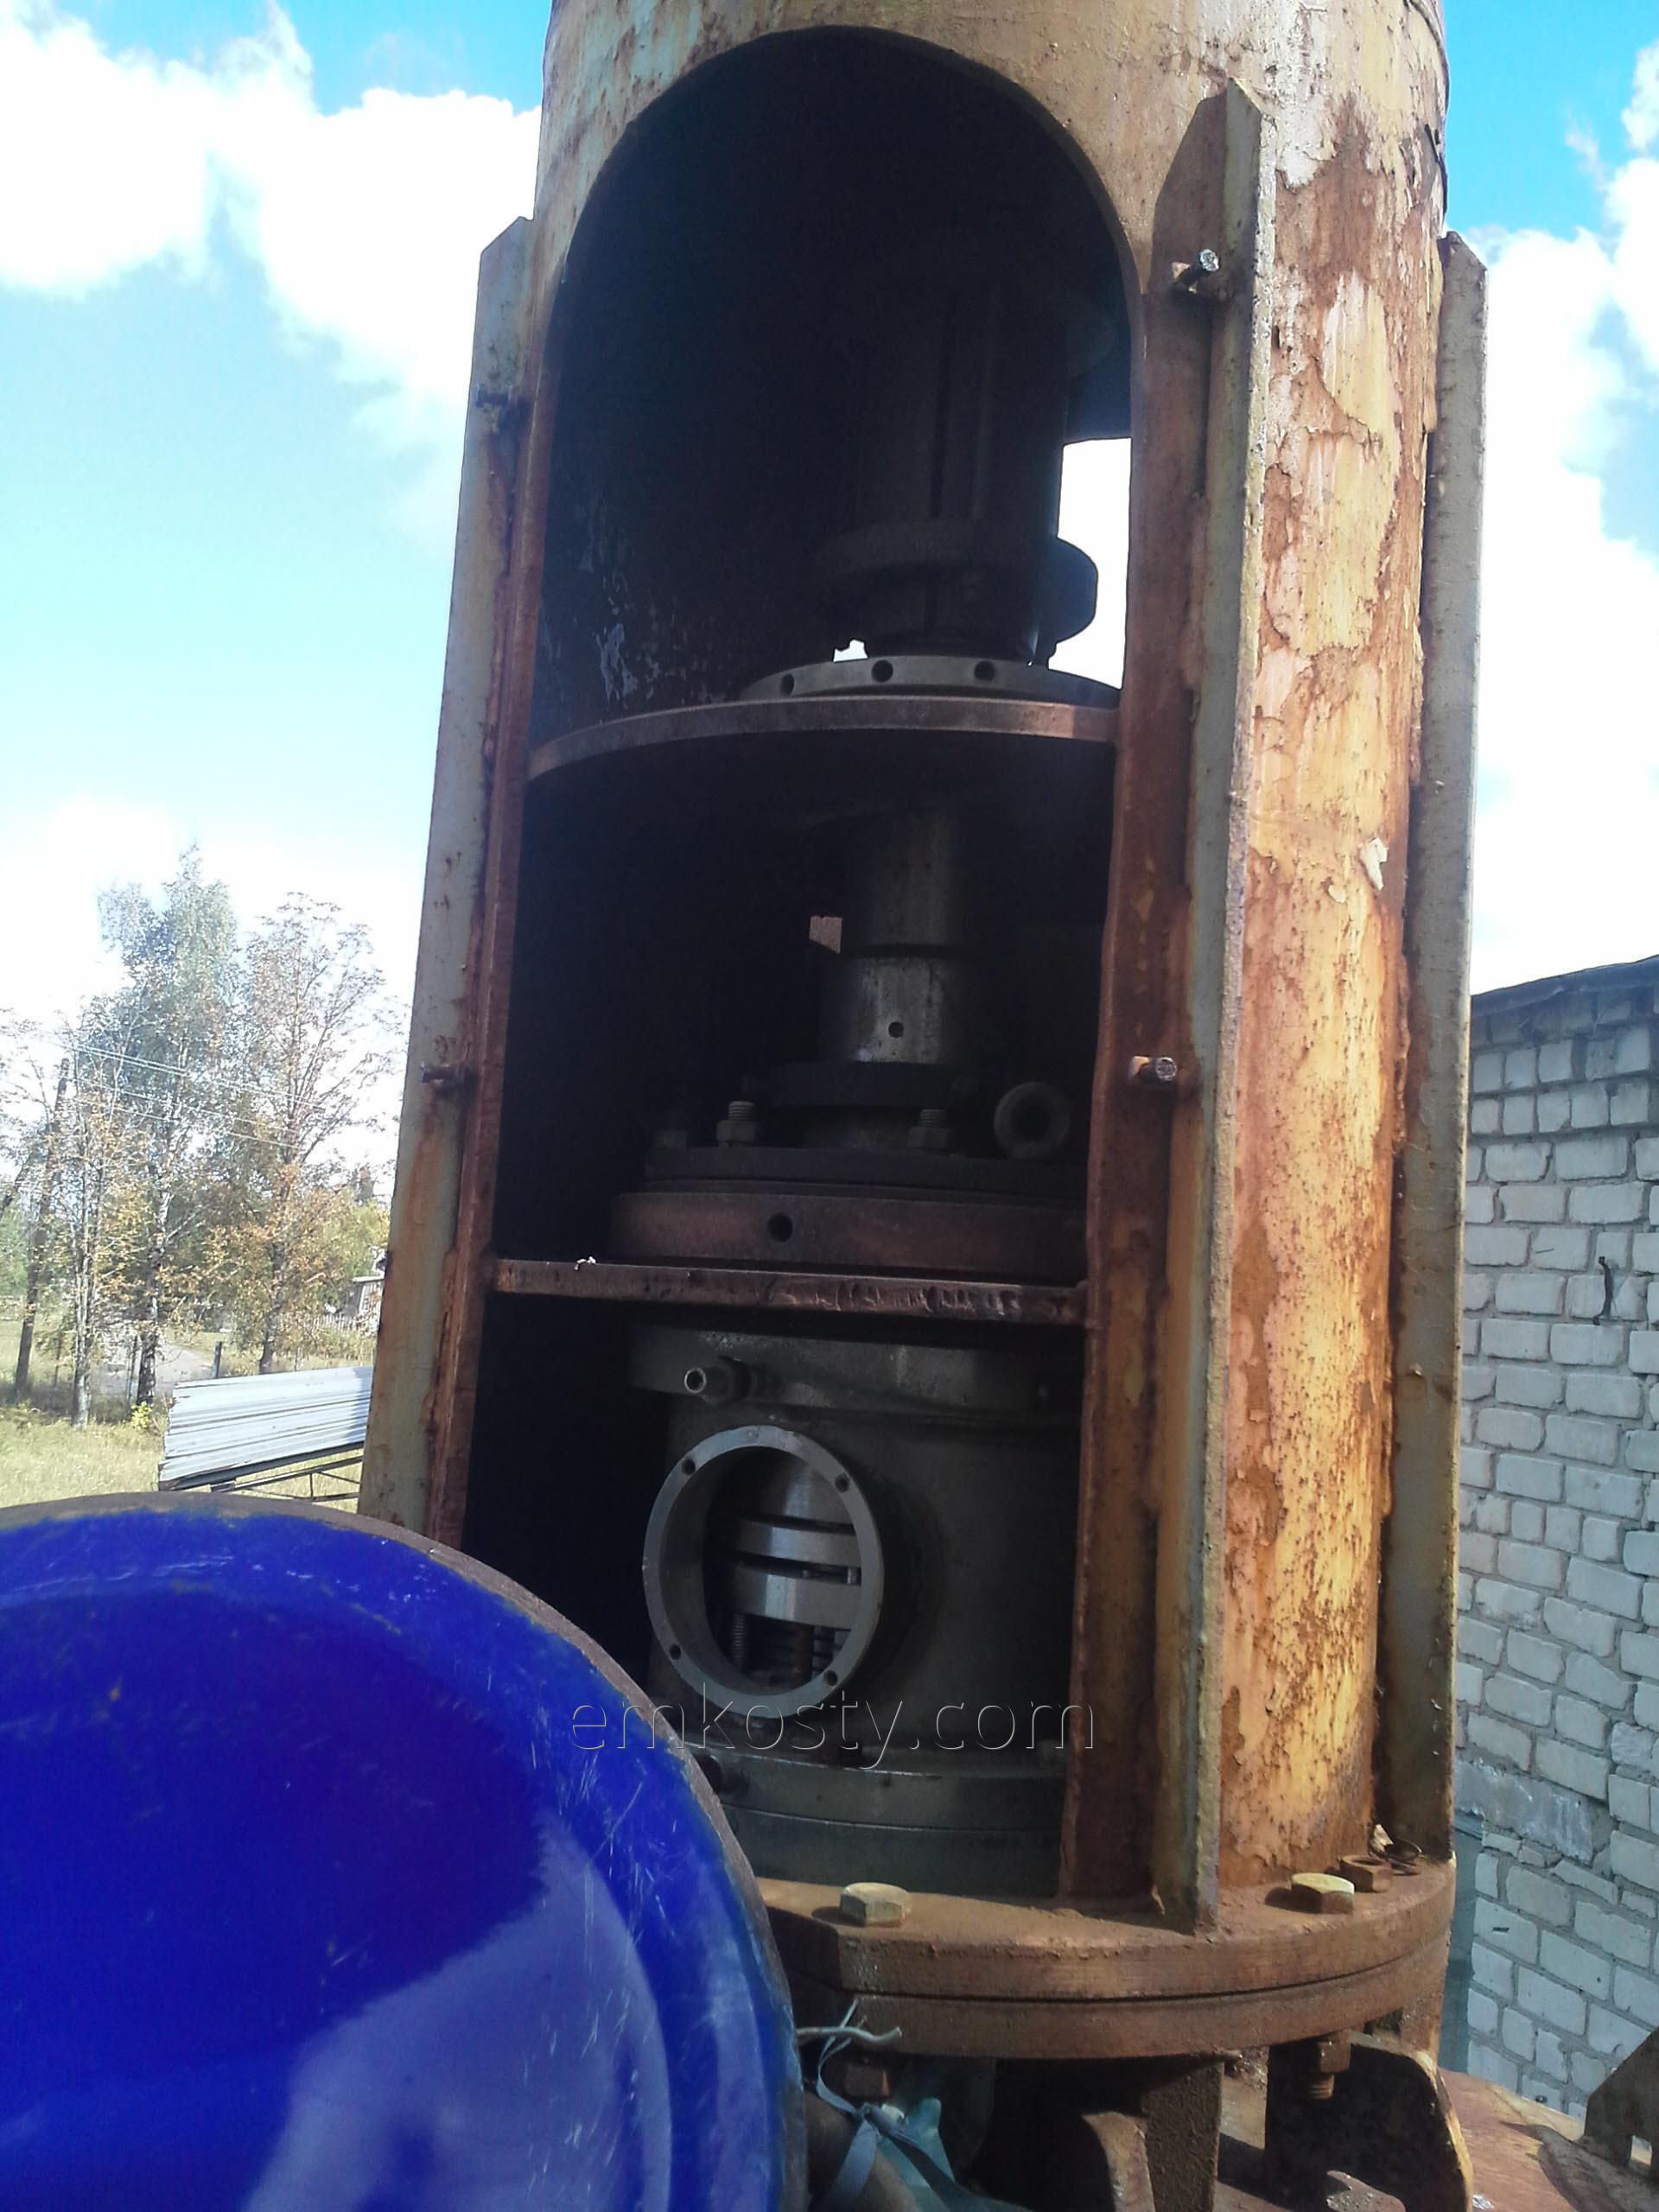 reaktor_10m3_sinyaya_emal_bez_skolov